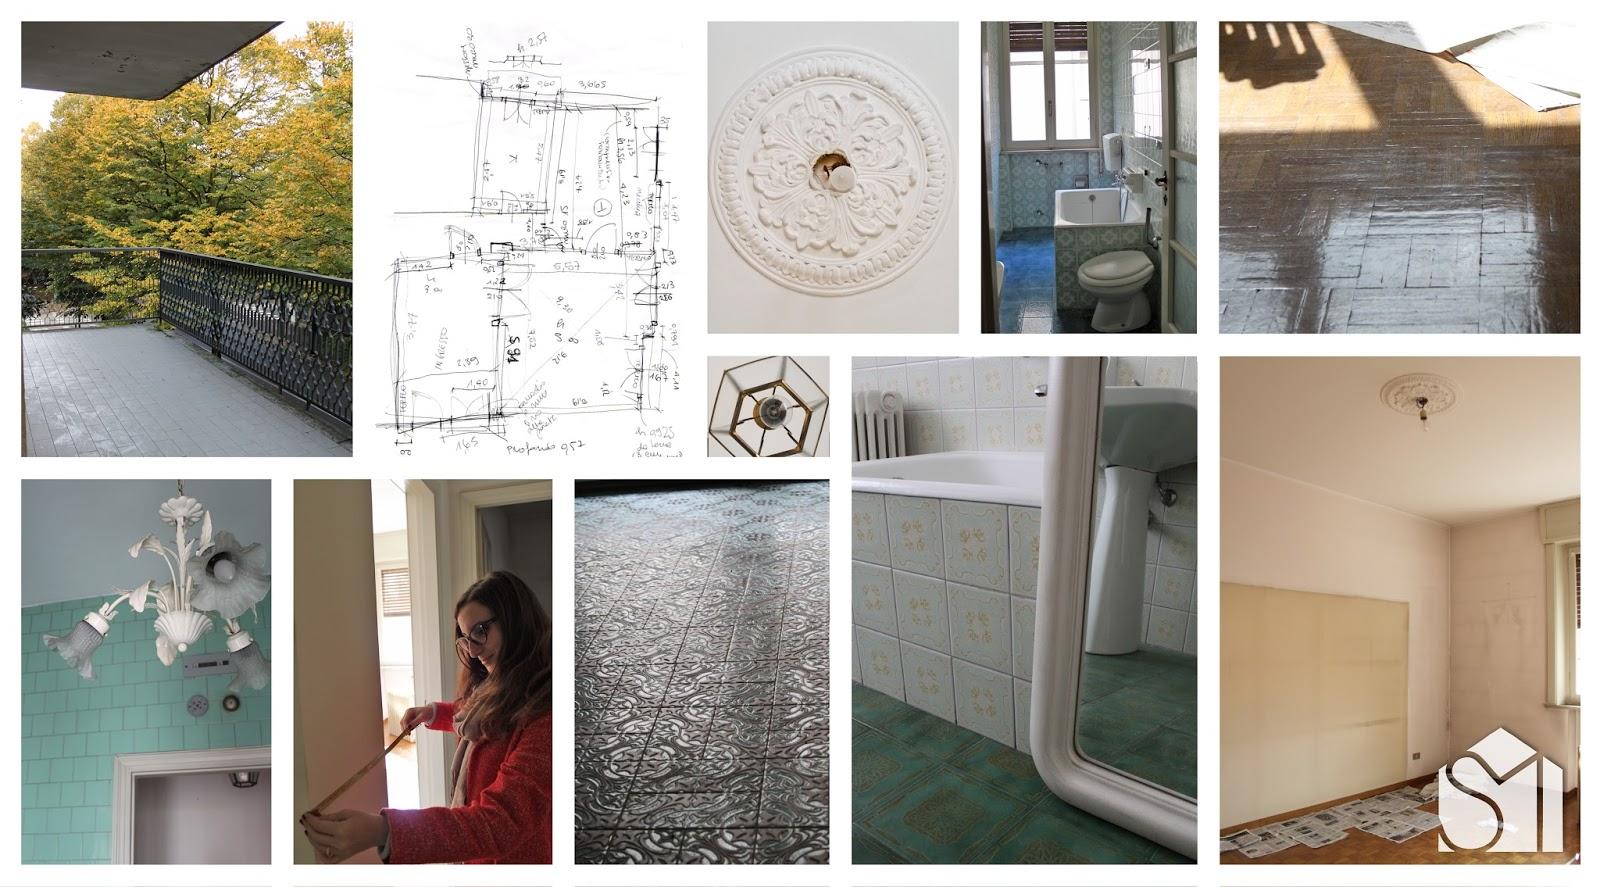 Corridoio Lungo Casa : Pitturare corridoio buio elegant decorazione e corridoio e scala